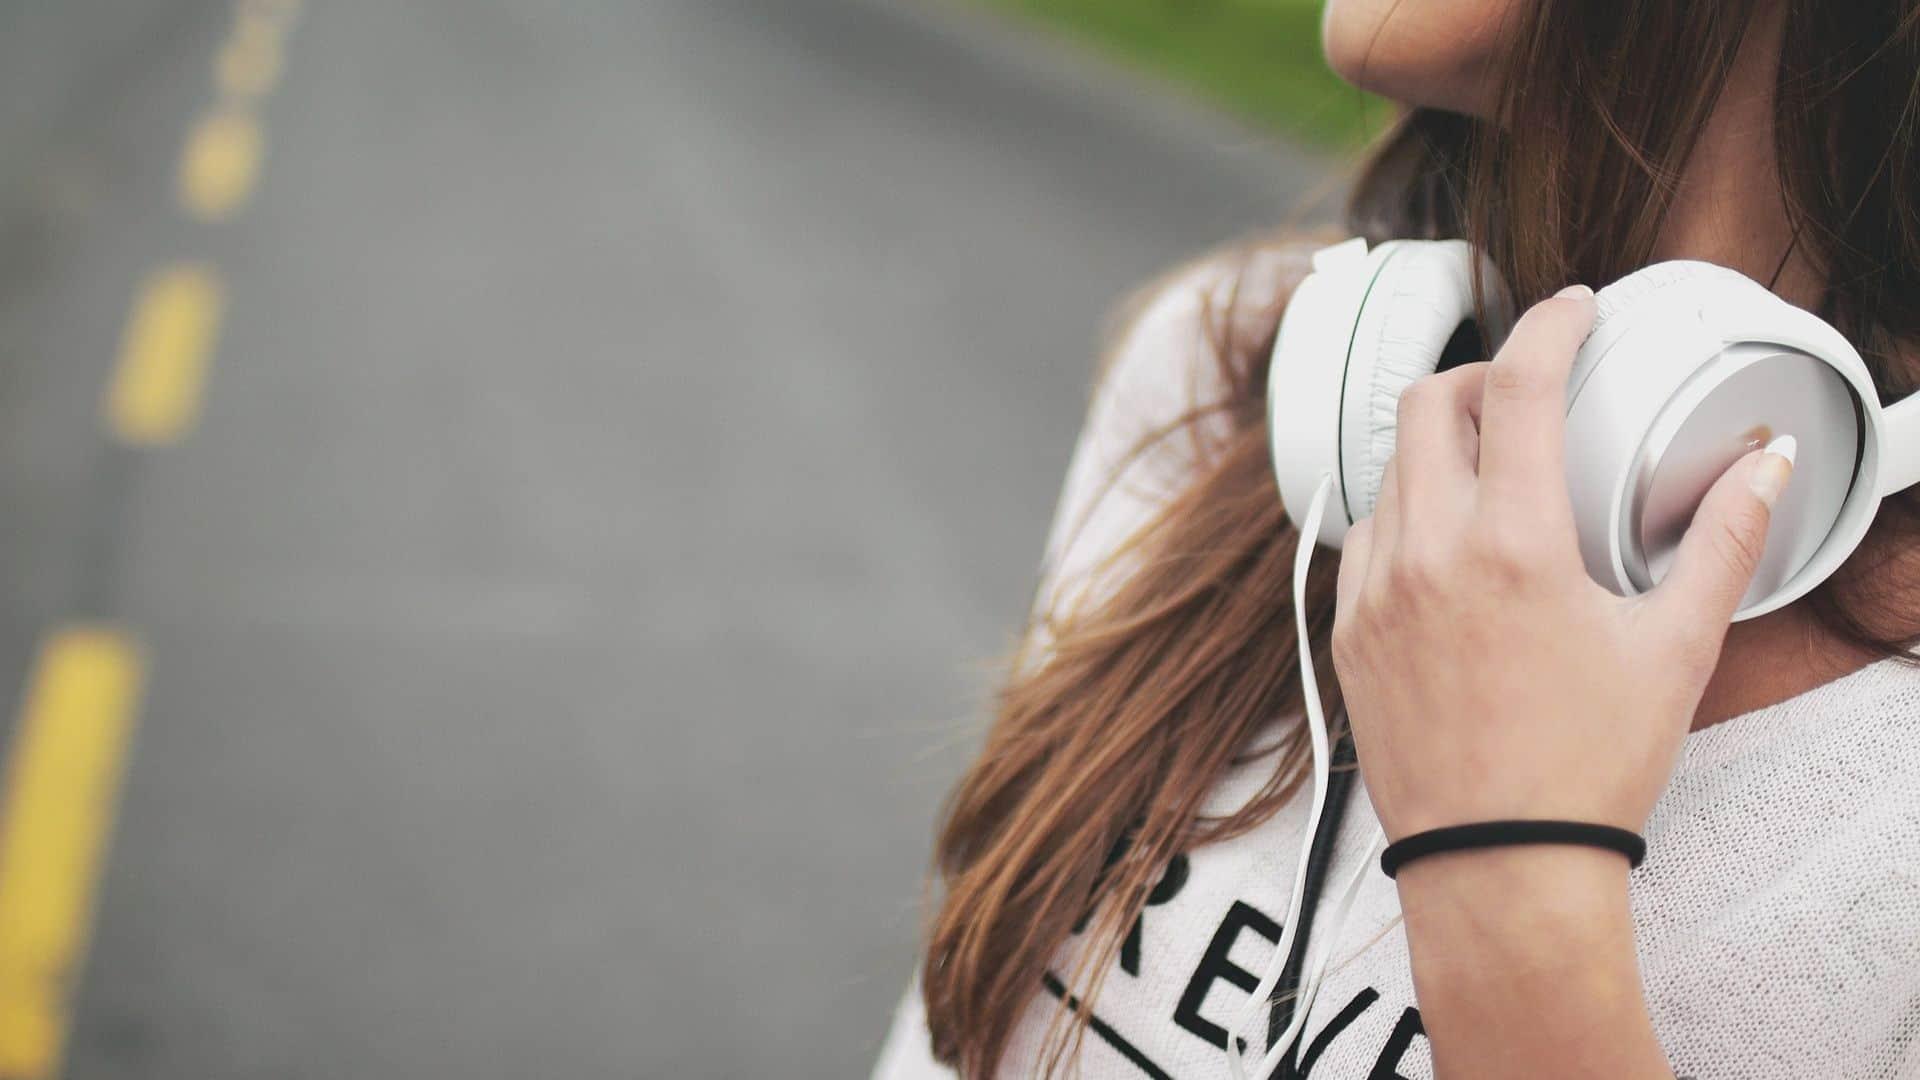 سماع الموسيقى - المزاج السيء - orchidfulifestyle